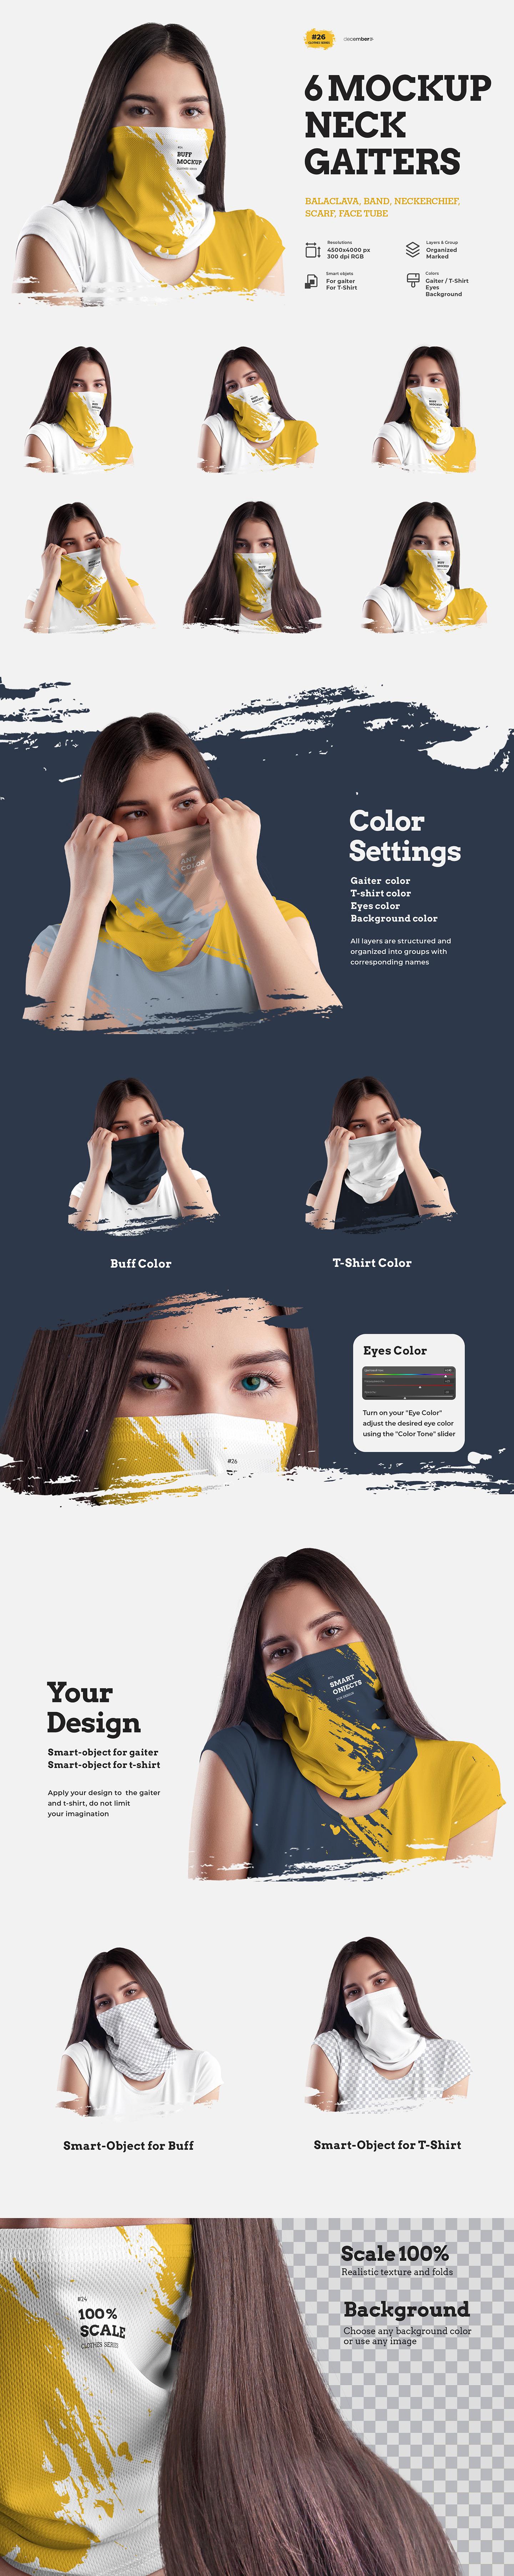 6款防护面罩头巾印花图案设计PS贴图样机 6 Mockups Neck Gaiters插图